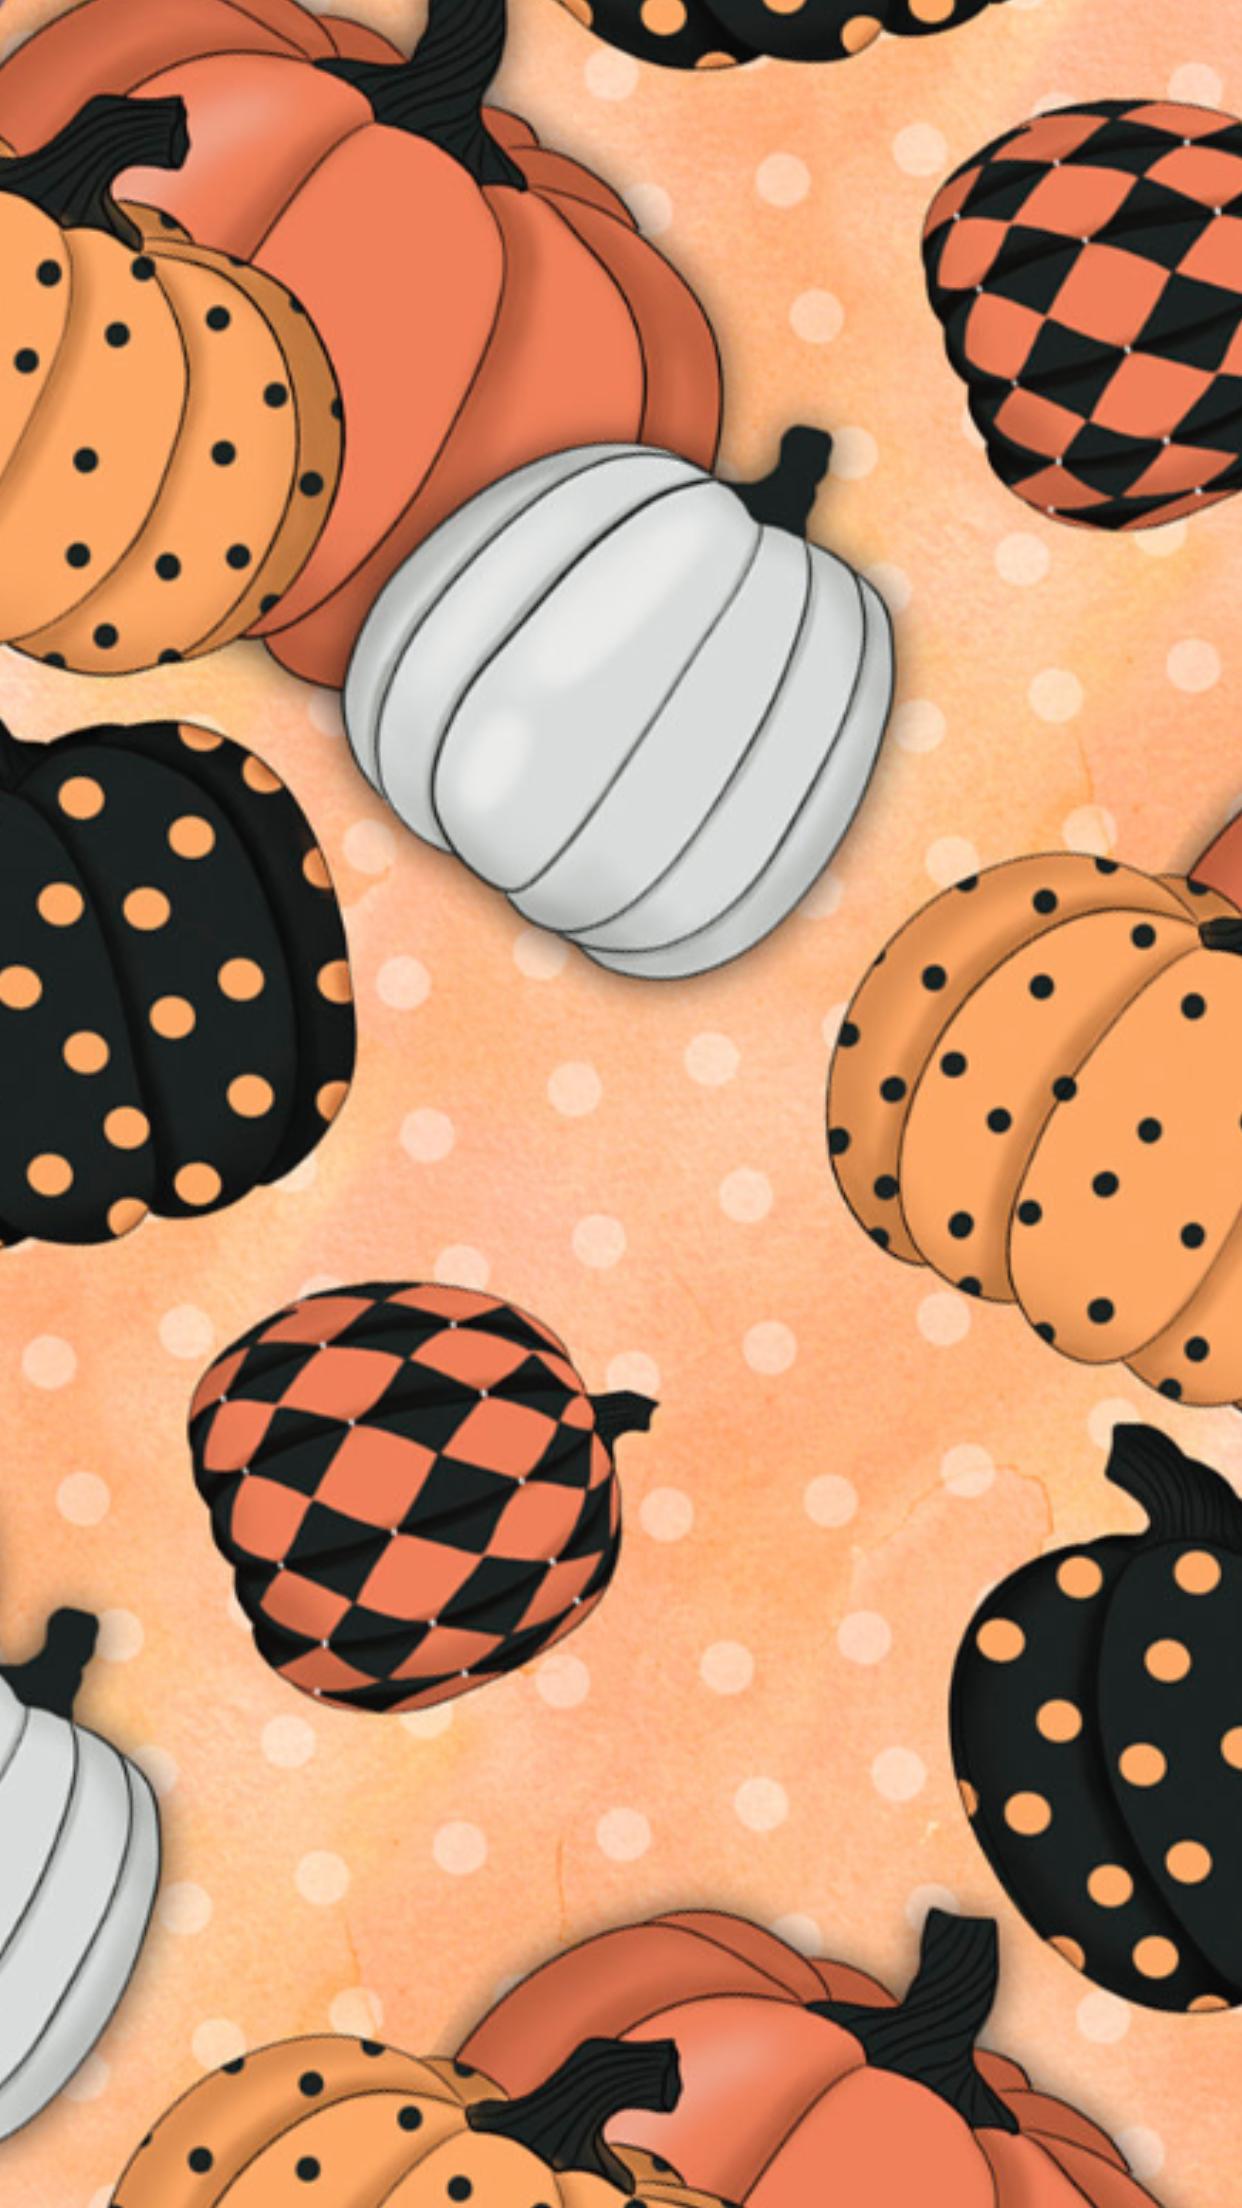 Pin By Bridget Gates On Wallpapers Pumpkin Wallpaper Halloween Wallpaper Iphone Cute Fall Wallpaper